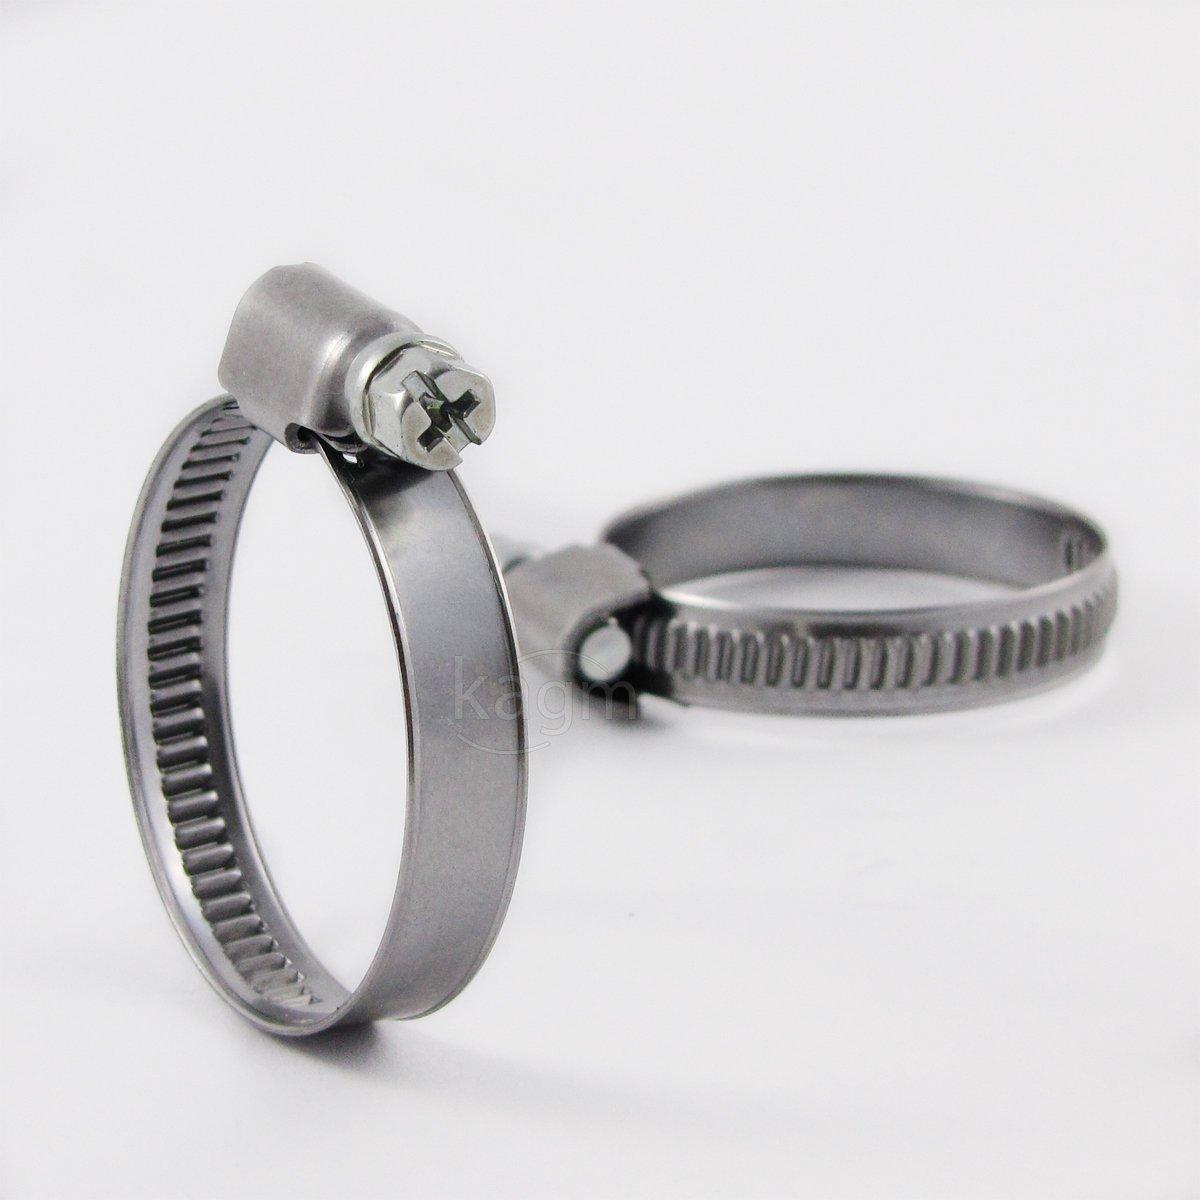 10x Schlauchschelle Schlauchklemme Edelstahl W2 / 50-70mm / Bandbreite: 12mm / rostfrei Schlauchschellen Schneckengewinde kagm